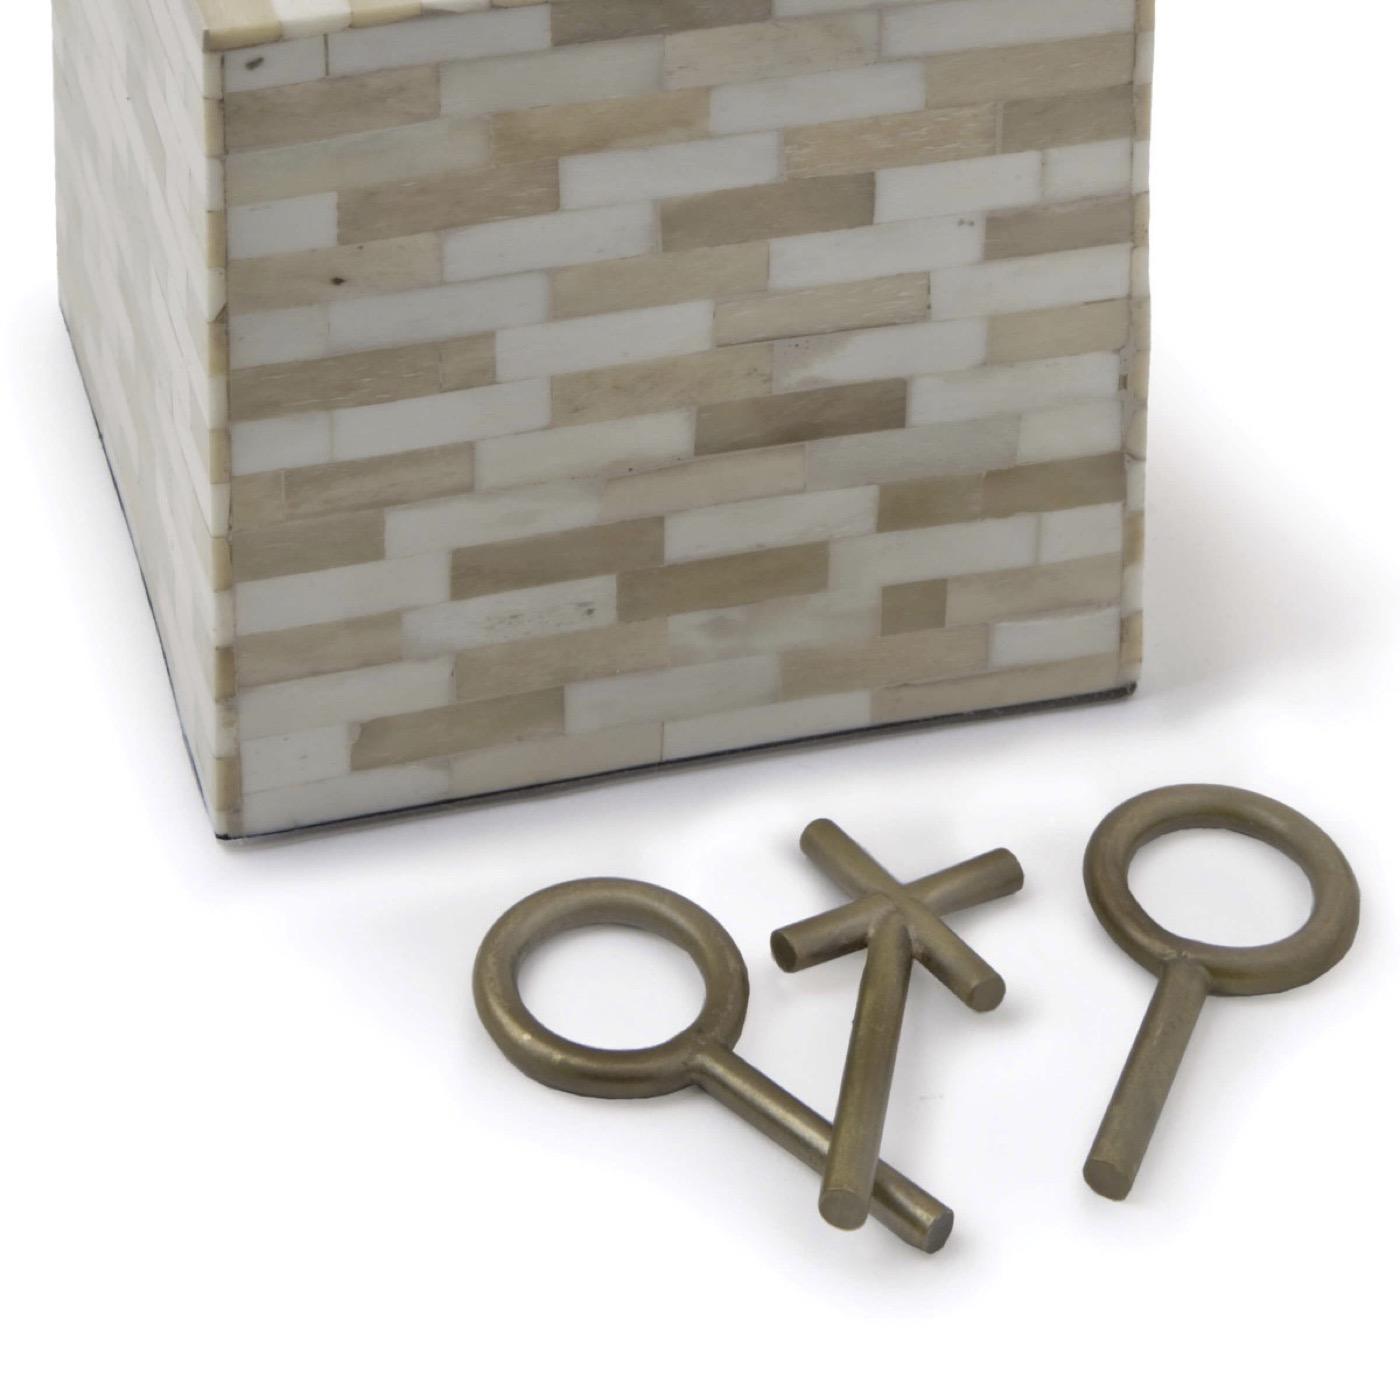 Tic-Tac-Toe Block | Gold